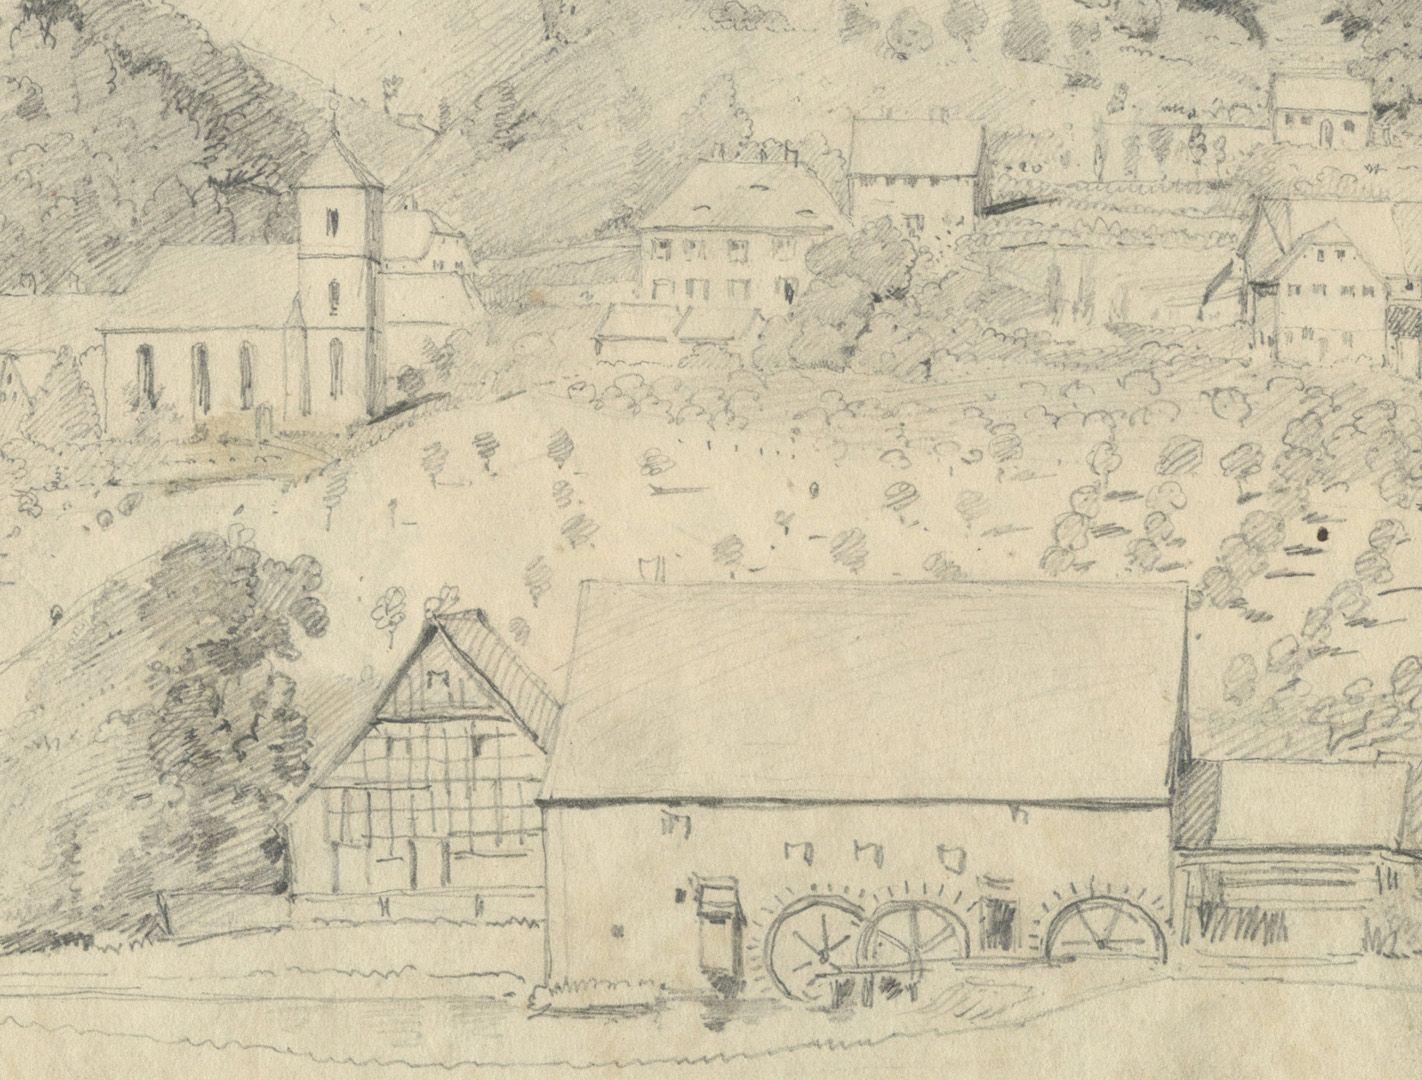 Skizzenbuch mit Ansichten von Streitberg und Neideck / inkl. Hallerweiherhaus in Nürnberg Streitberg, Detail